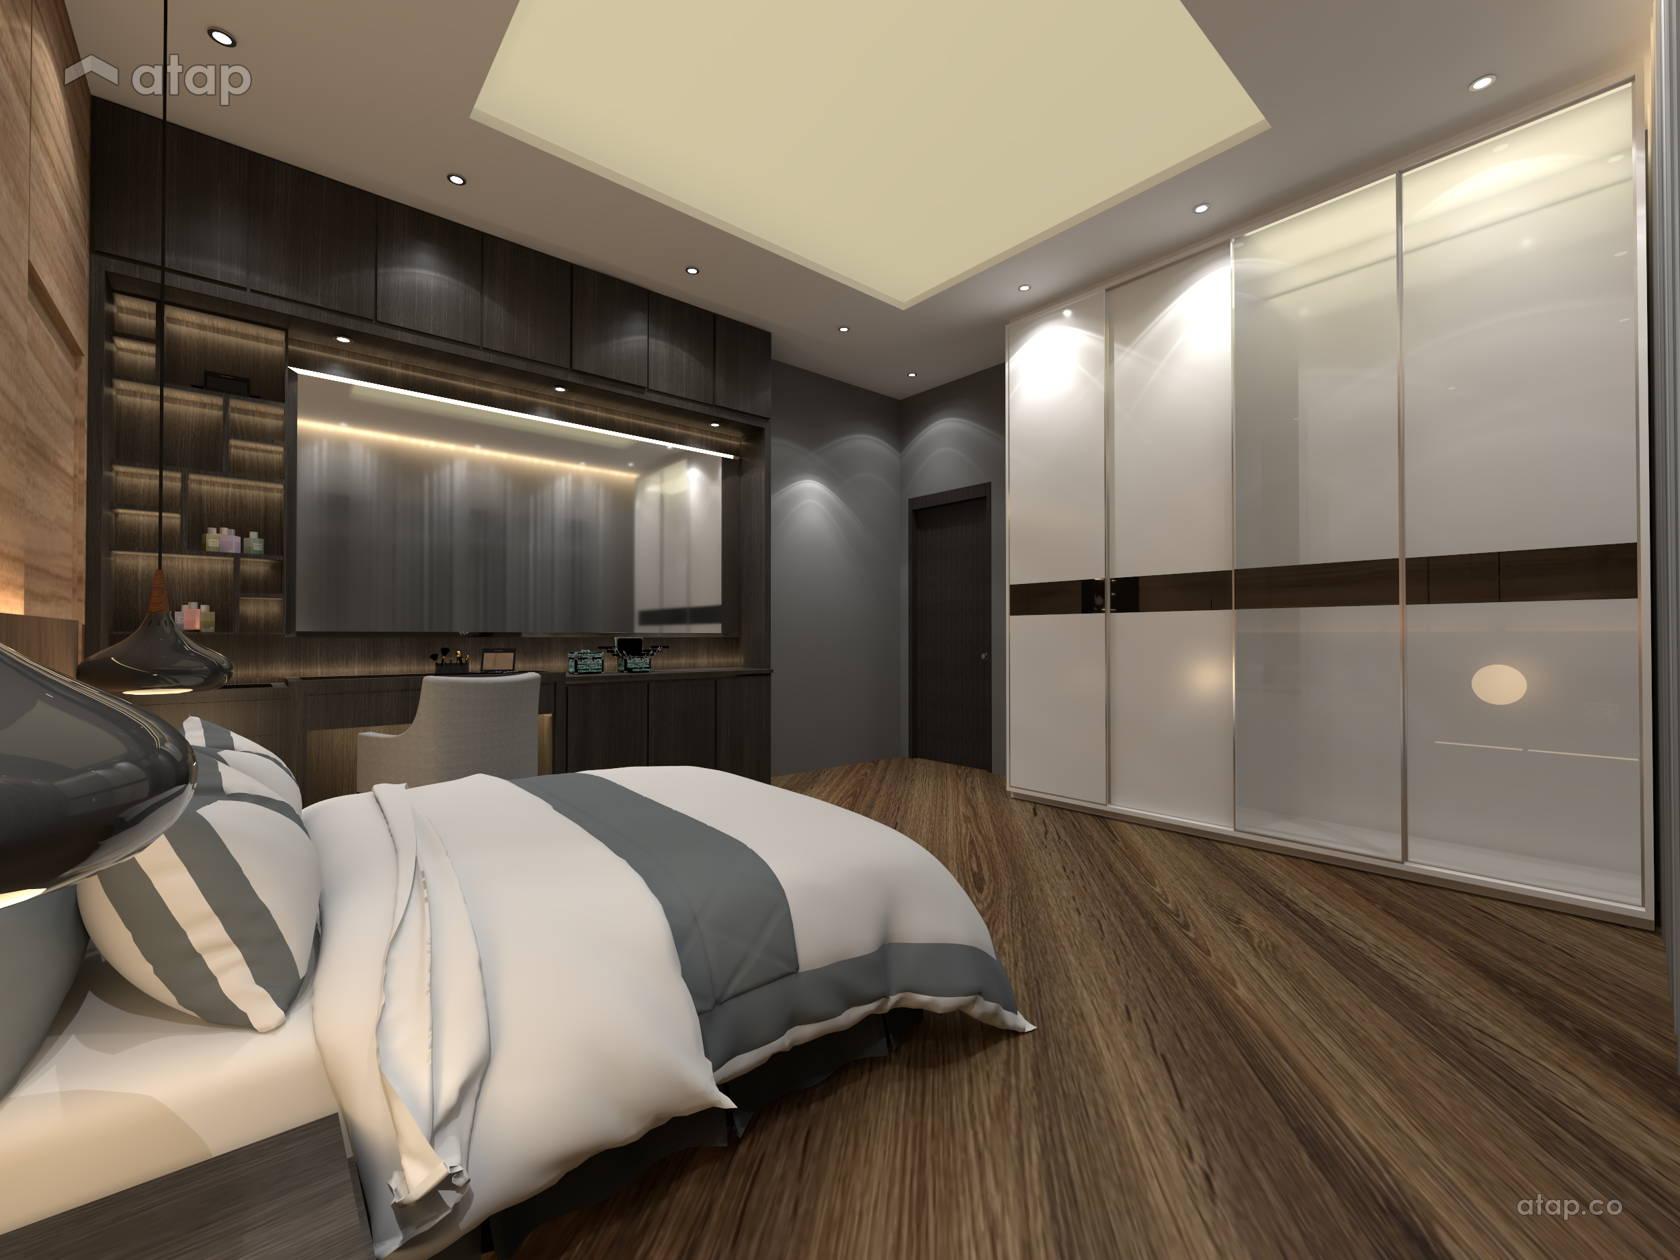 Asian Contemporary Bedroom Apartment Design Ideas Photos